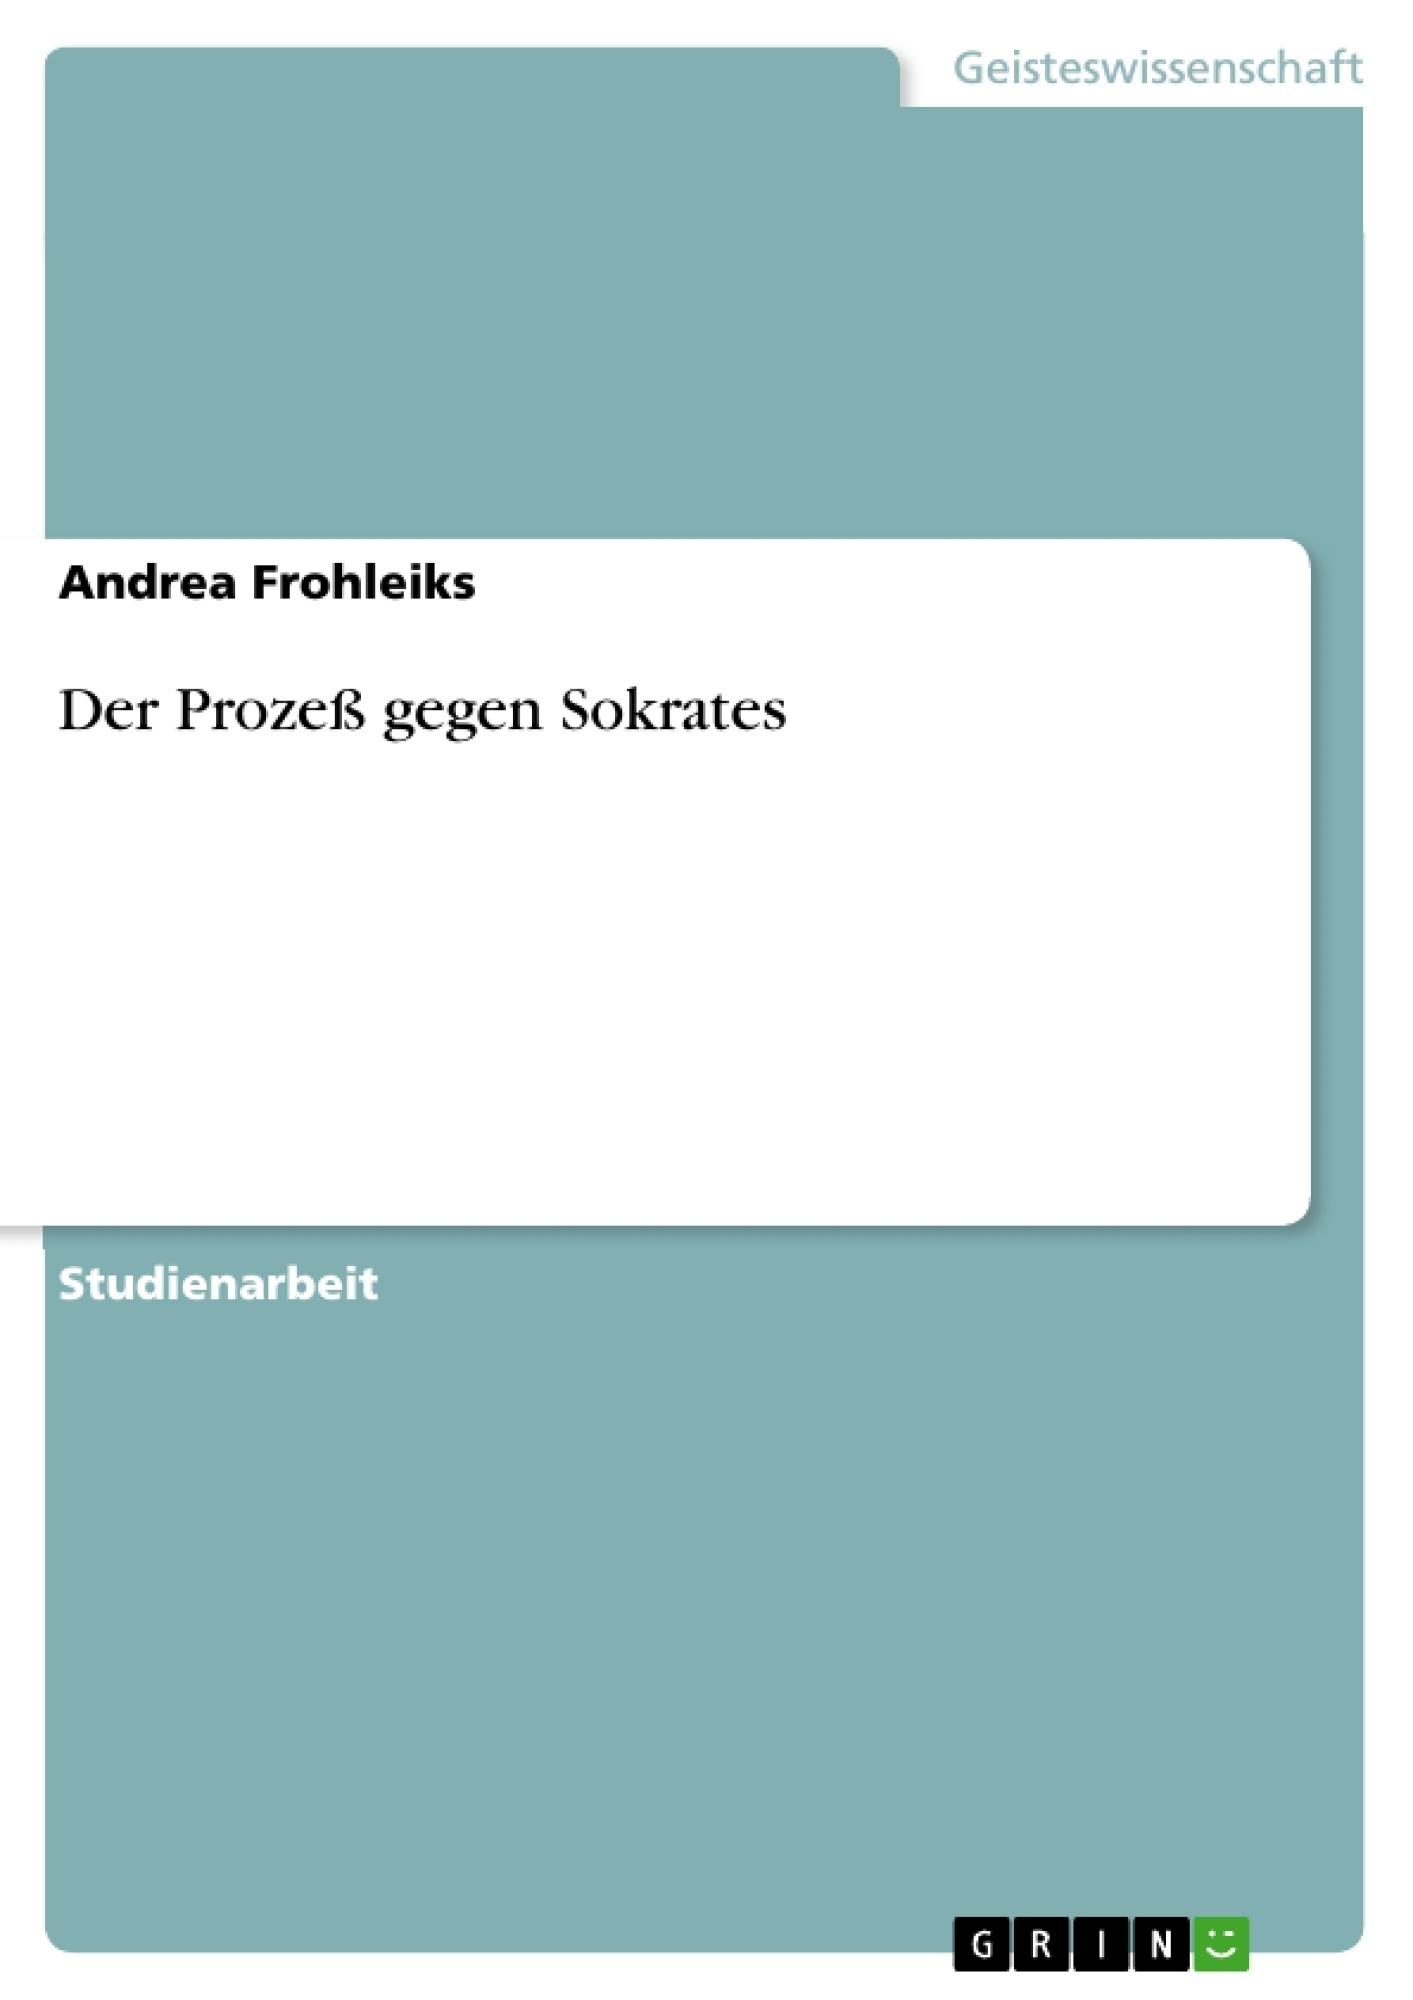 Titel: Der Prozeß gegen Sokrates